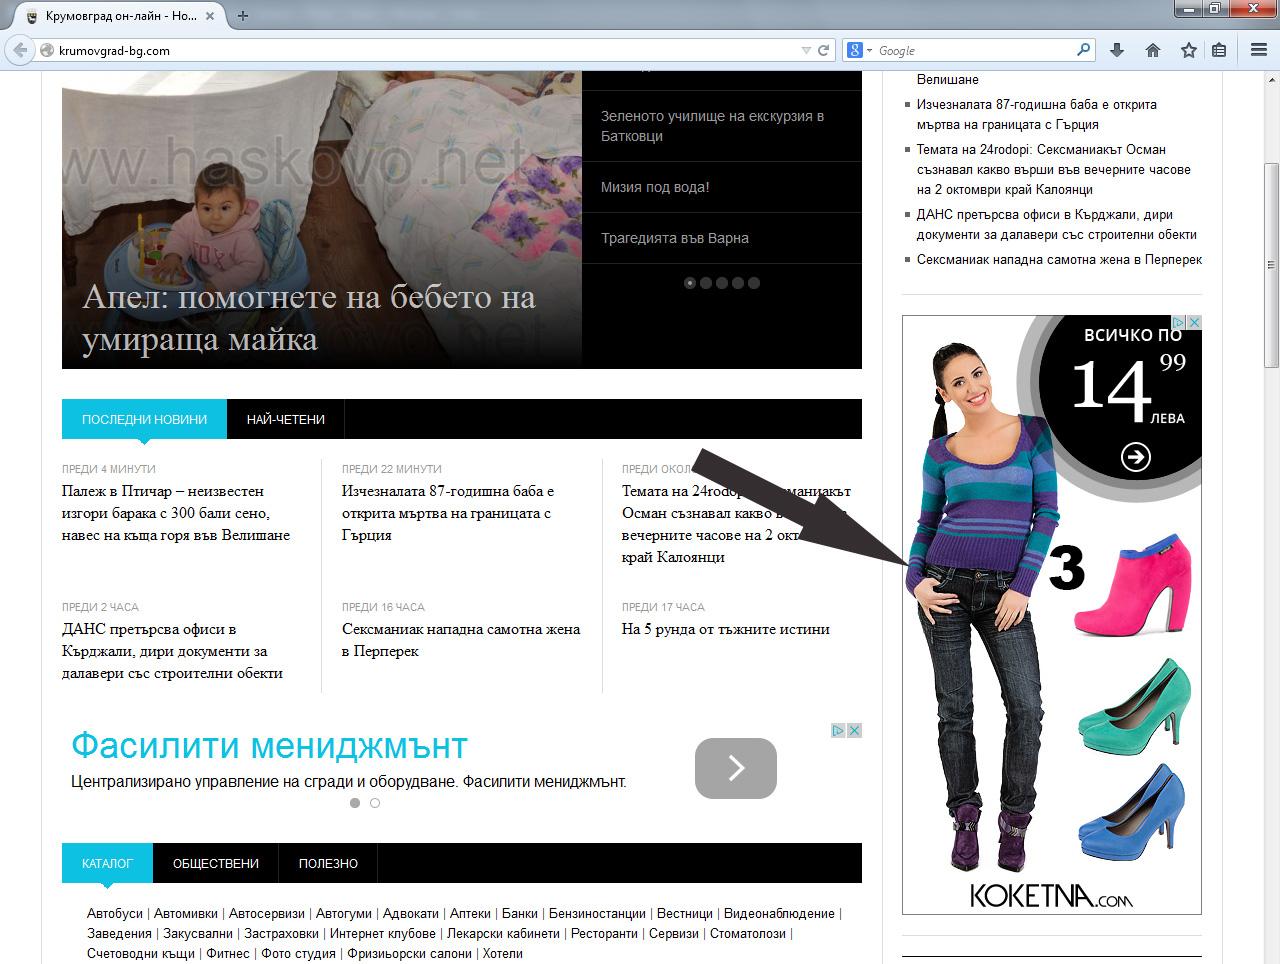 Реклама в Крумовград - позиция 3